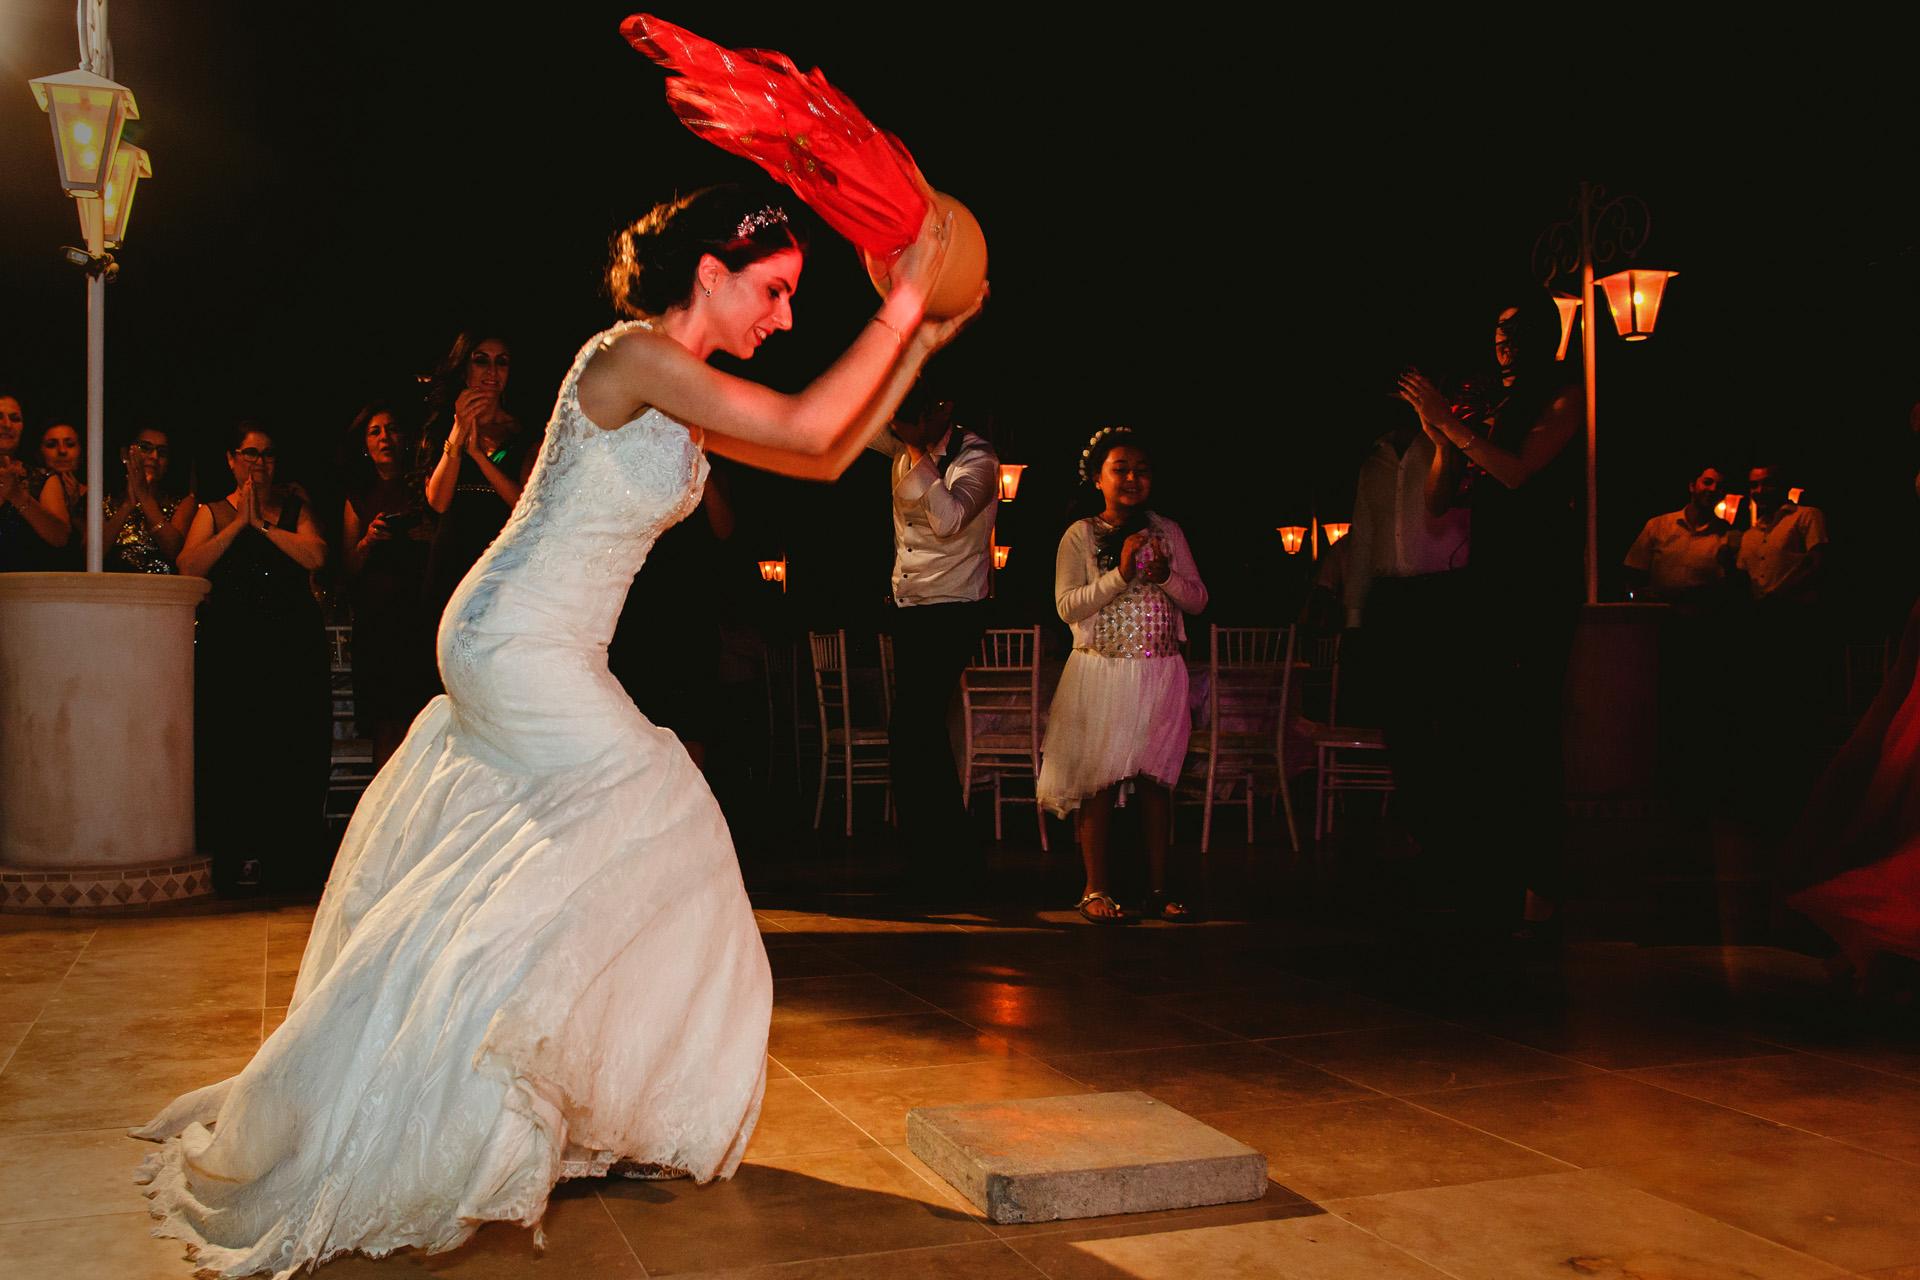 Elopement Wedding Traditions à Chypre - Photo de réception | Les bonbons et les pièces de monnaie à l'intérieur de la cruche vont partout et les enfants viennent tout chercher